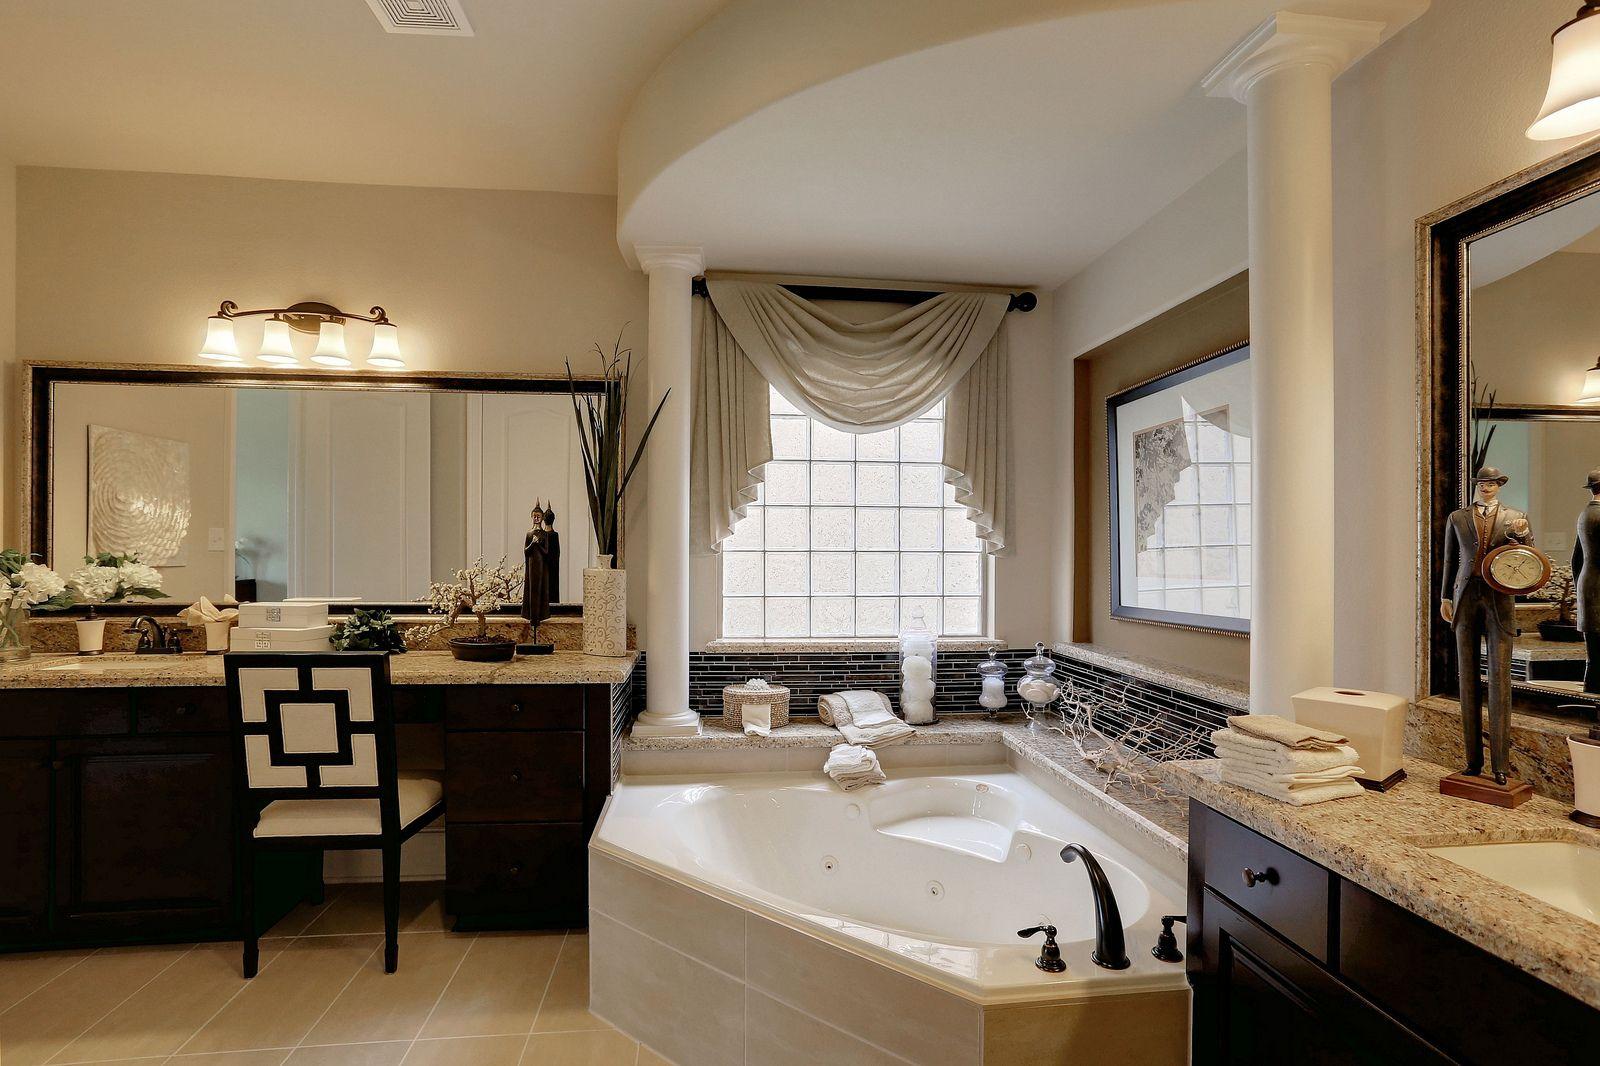 Bathroom Kings 25969 kingshill dr _ bellagio _ b _ westin homes _ model home _